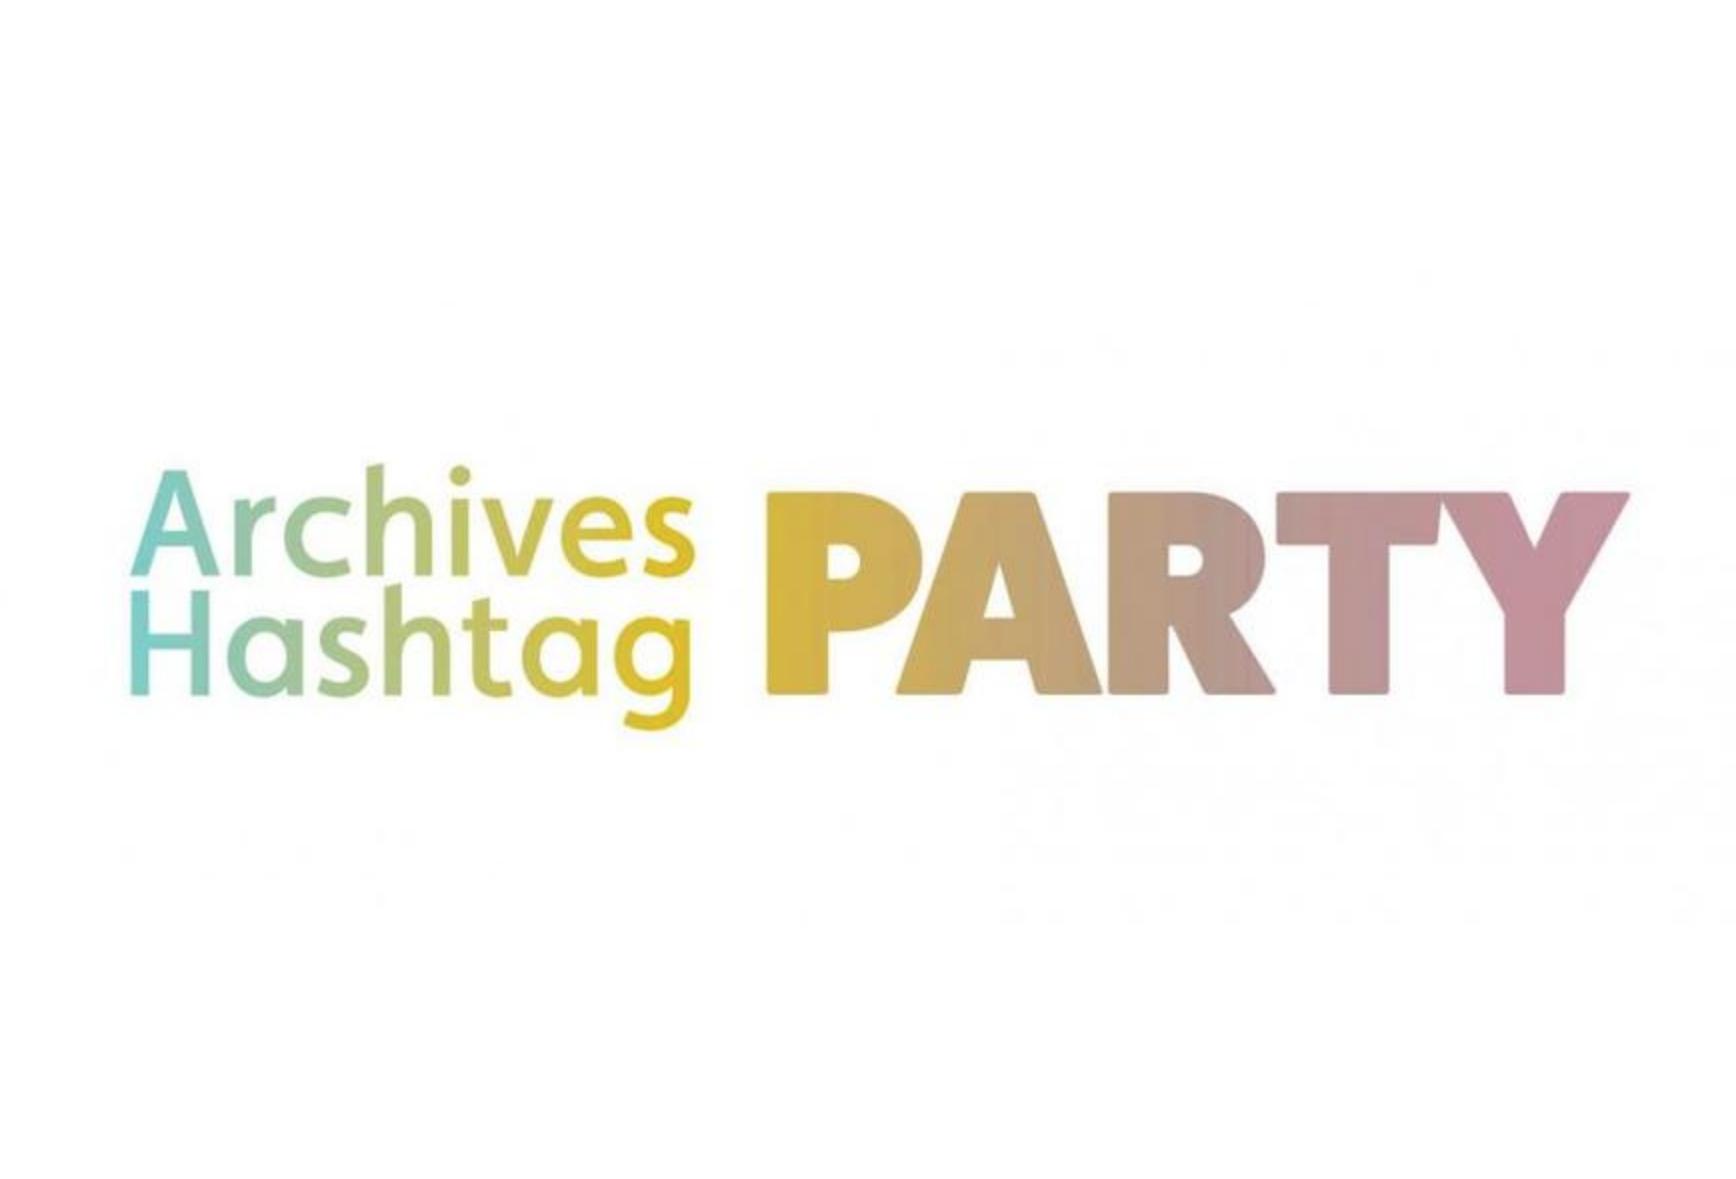 #ArchivesHashtagParty